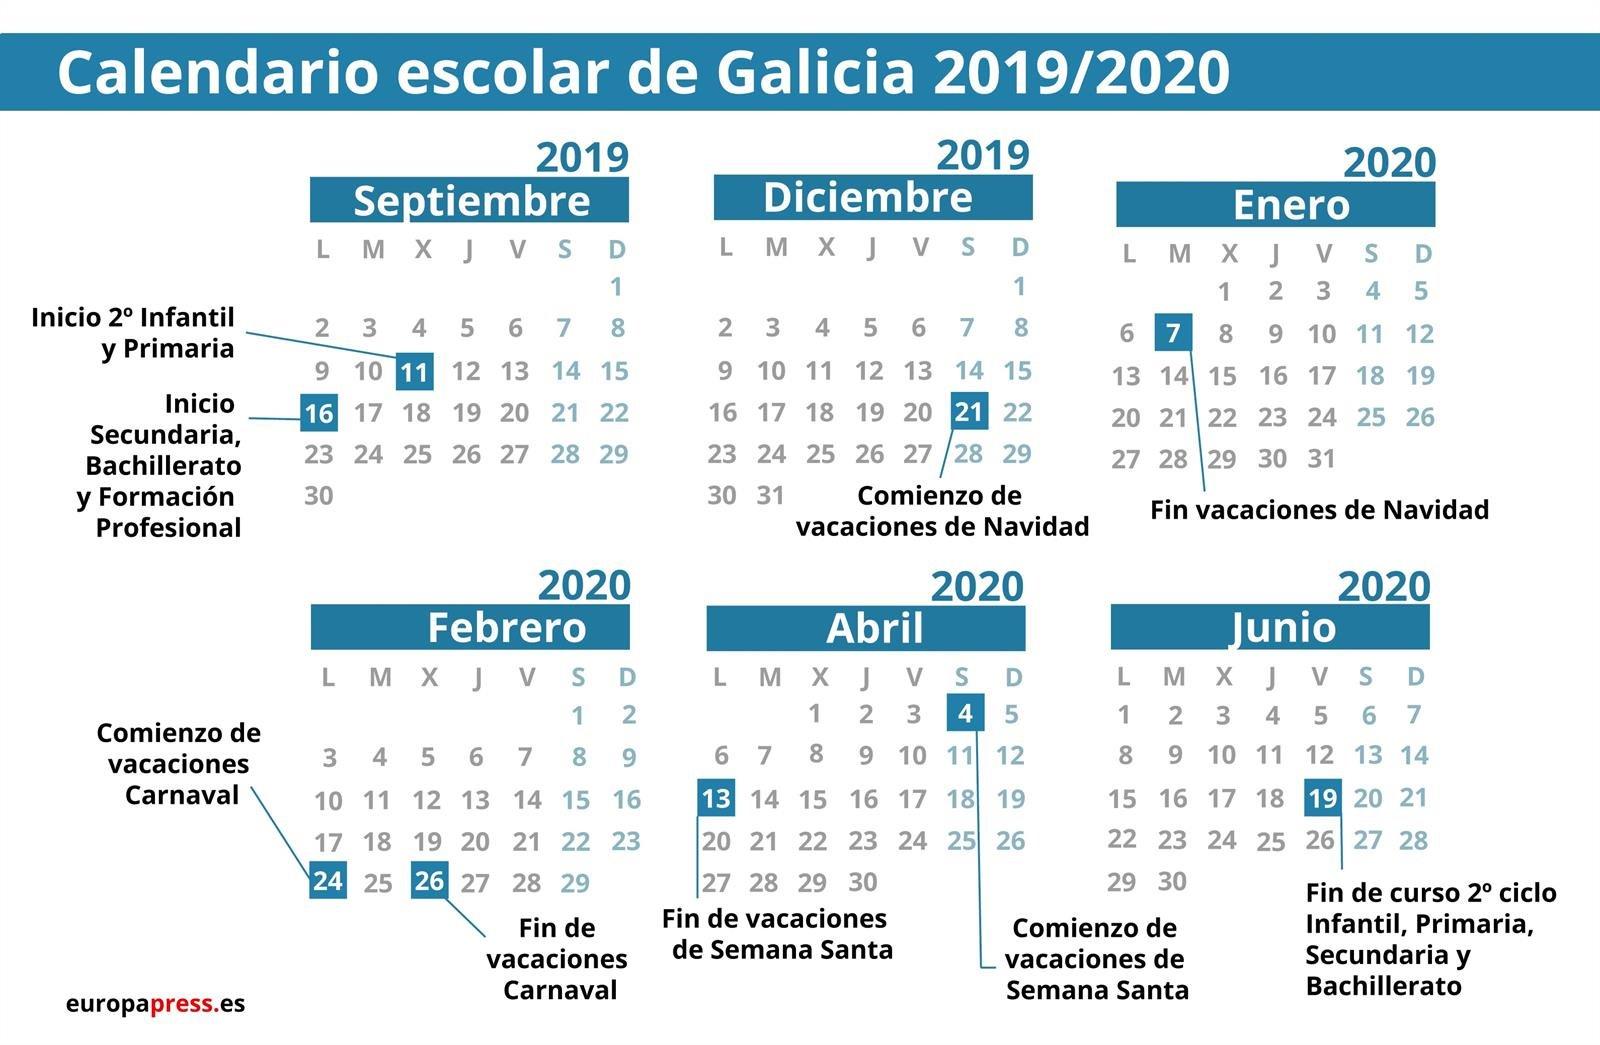 Calendario Escolar En Galicia 20192020: Navidad, Semana with regard to Calendario 2020 Con Semanas